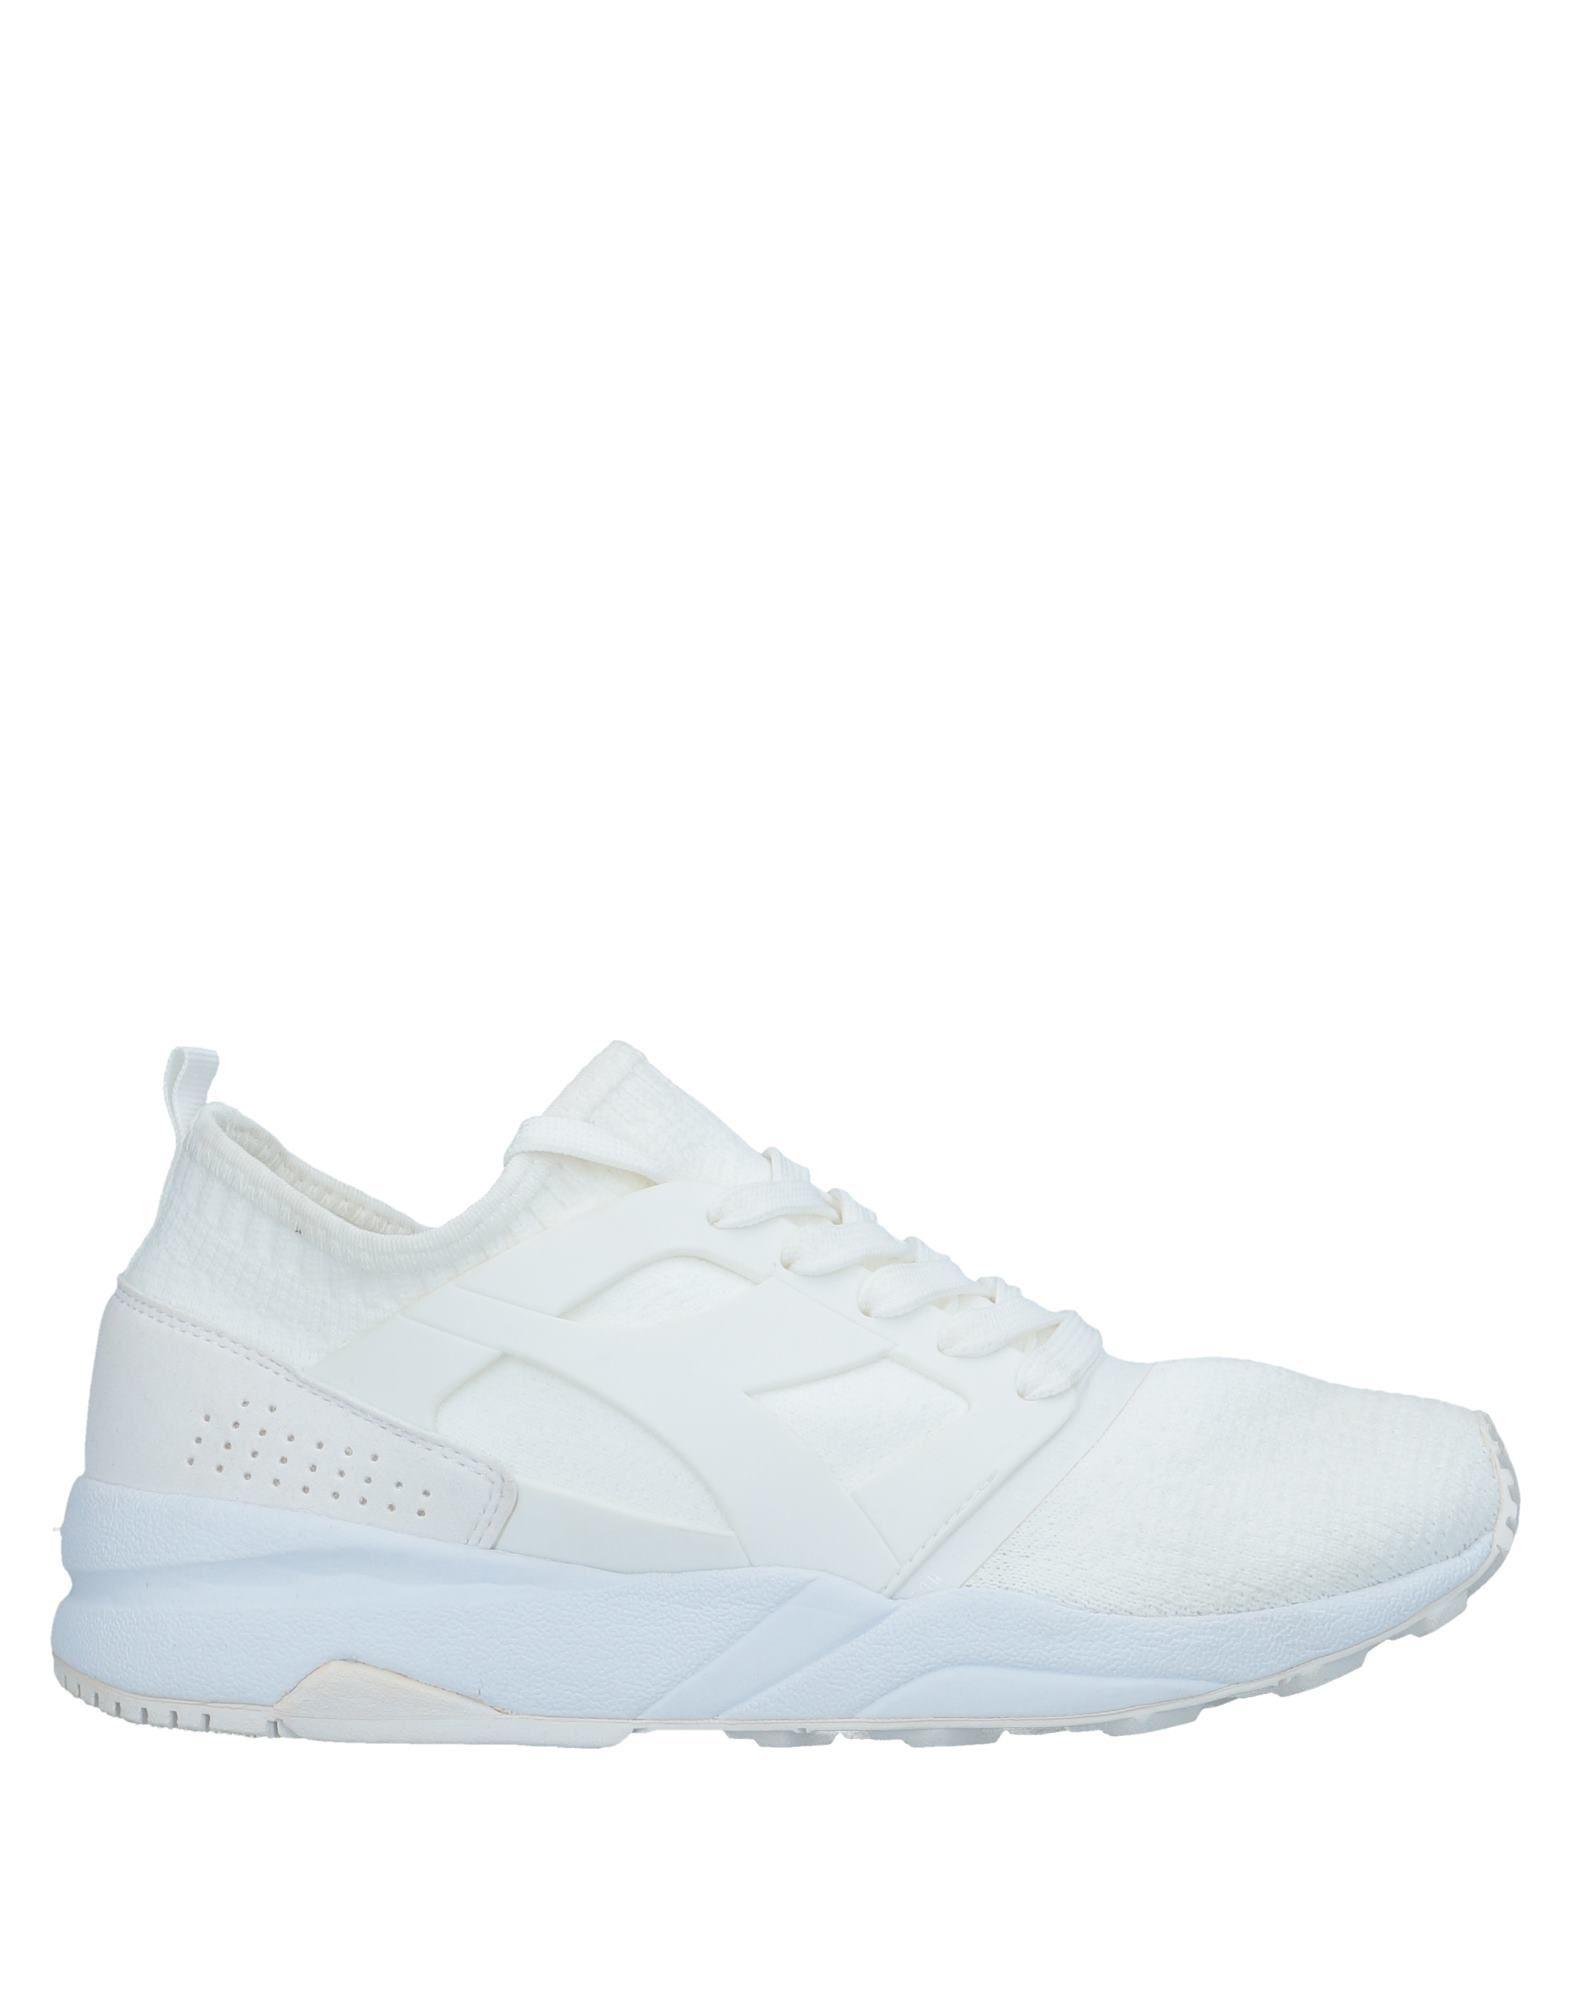 Moda barata y hermosa Zapatillas Diadora Mujer - Zapatillas  Diadora  Zapatillas Blanco 702d59